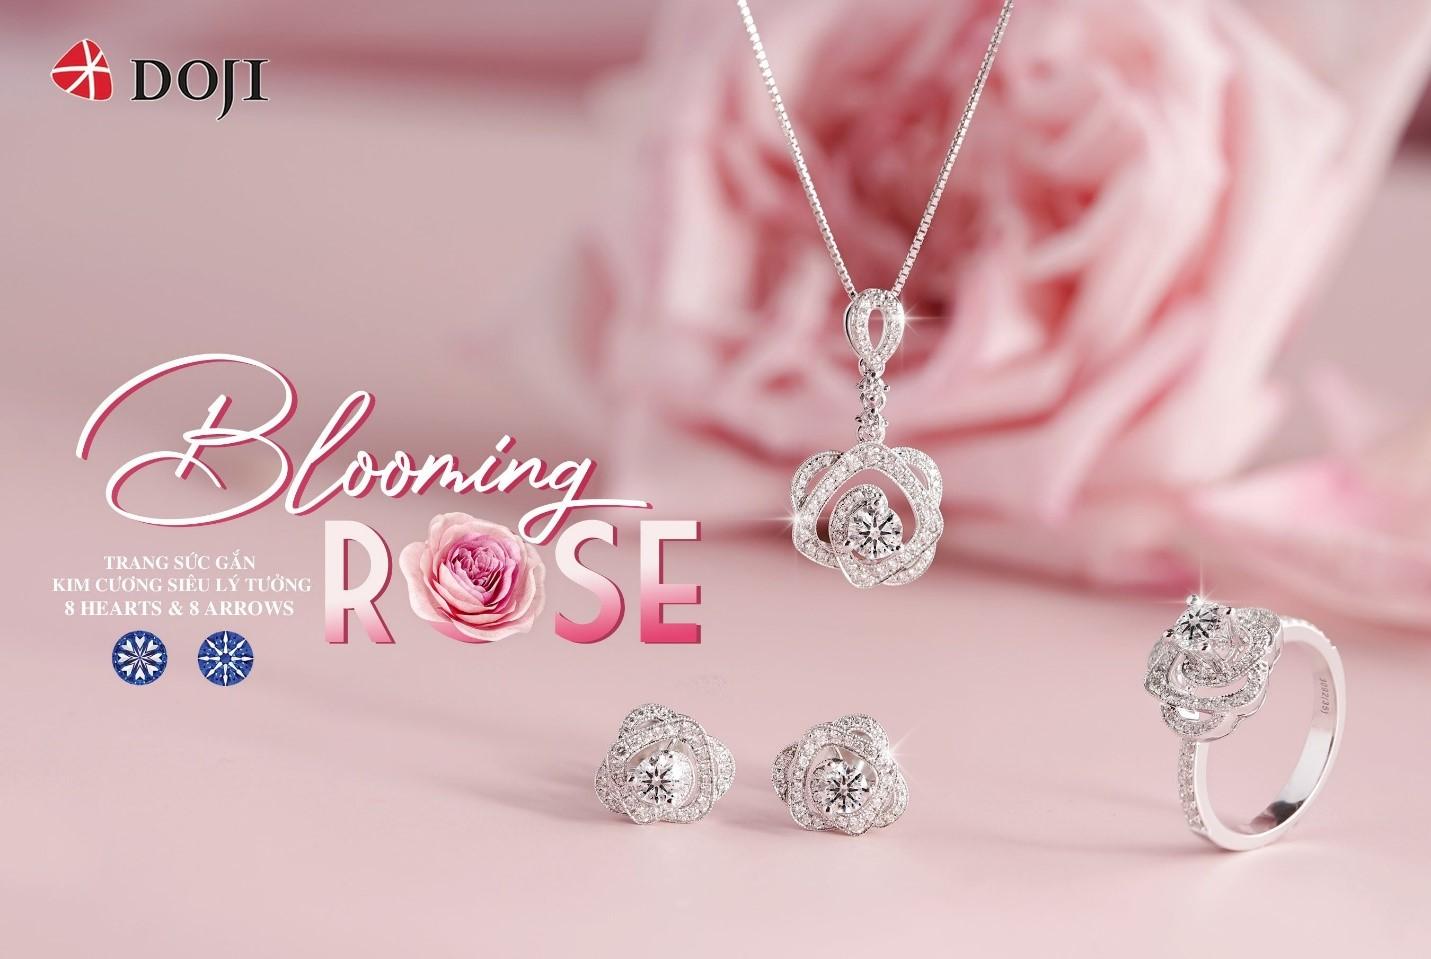 Lương Thu Trang đẹp rạng rỡ với Trang sức kim cương DOJI - Ảnh 5